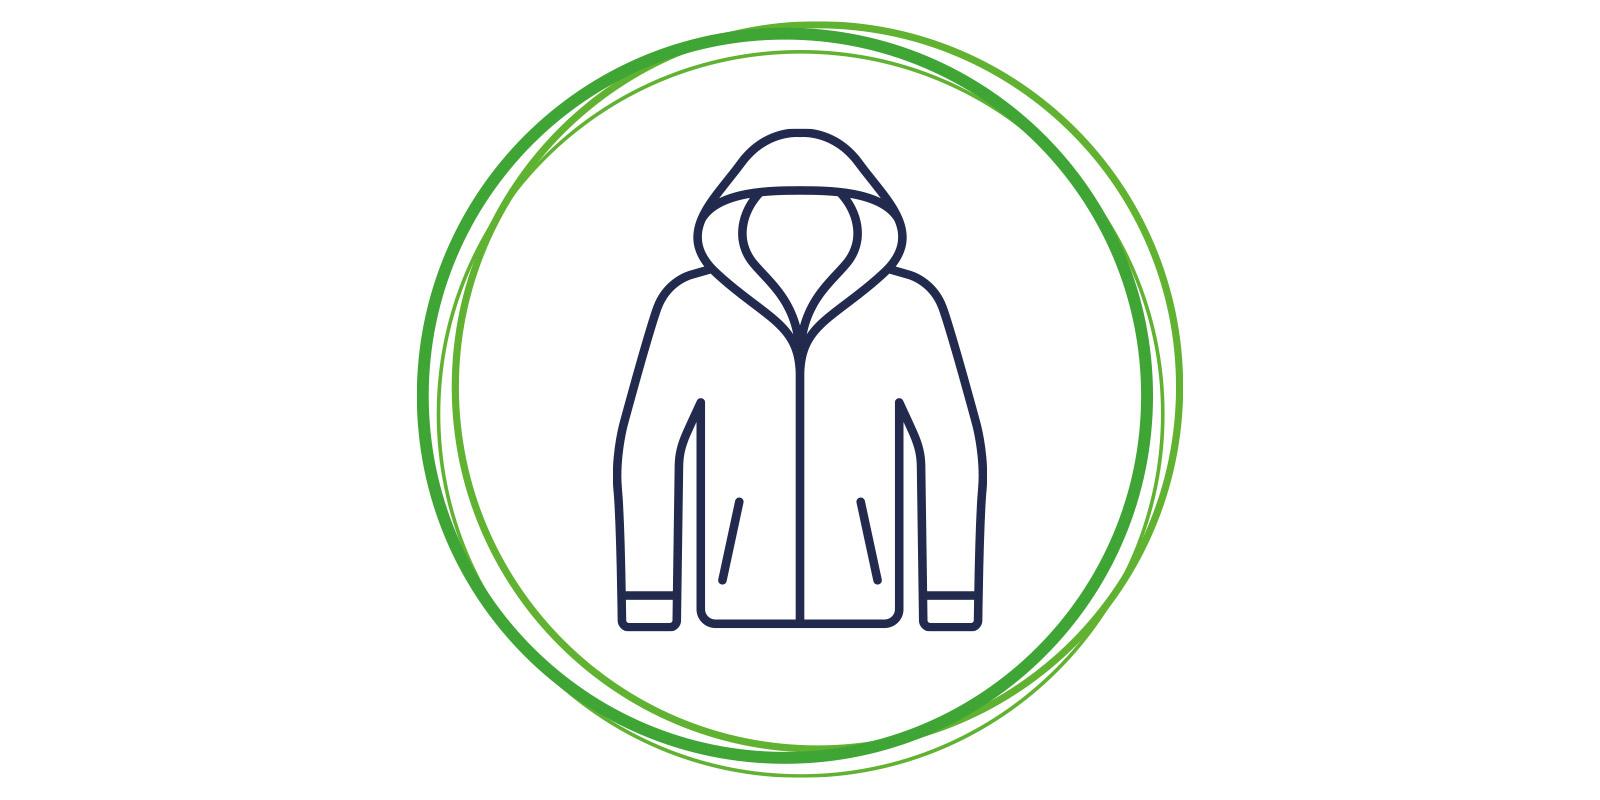 He- Sweatshirt-Jacken / Hoodies